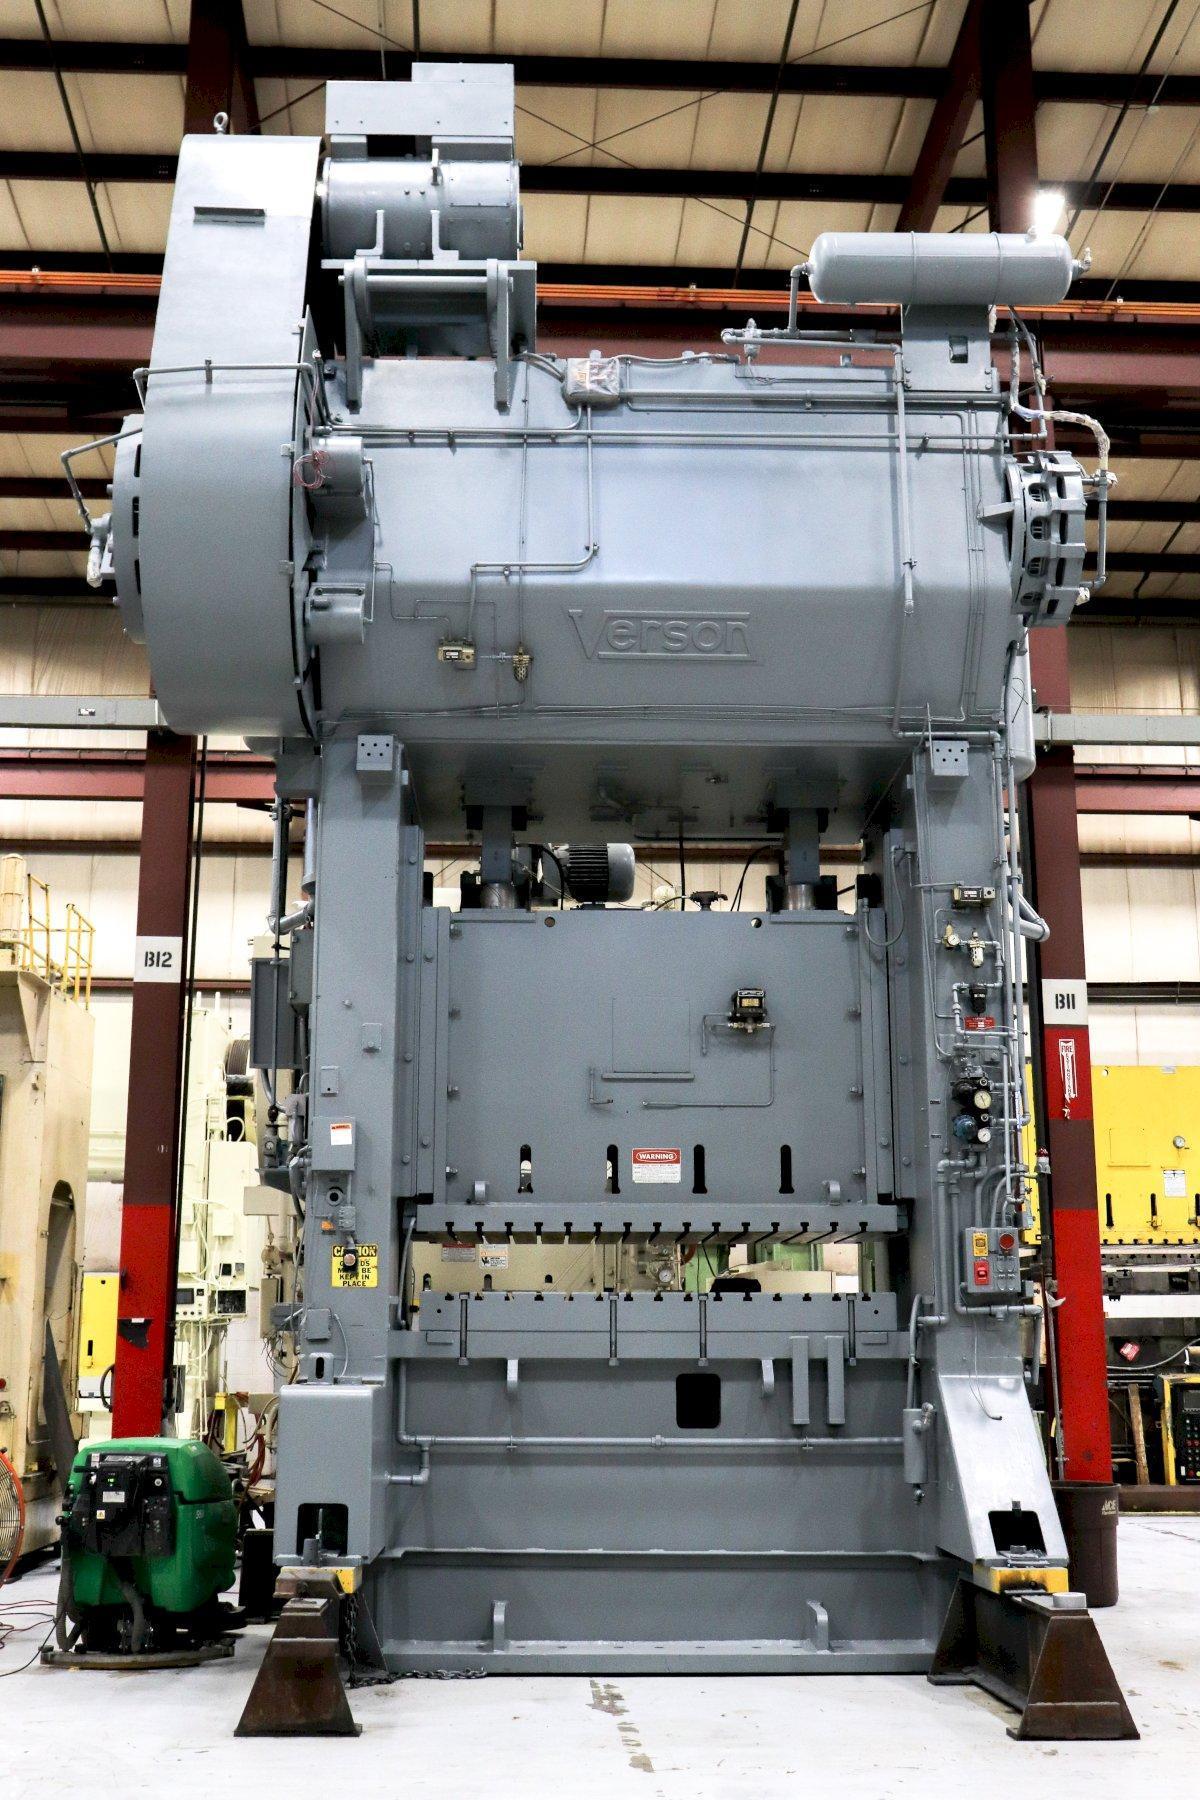 800 Ton VERSON SE2-800-96-48t Straight Side Press